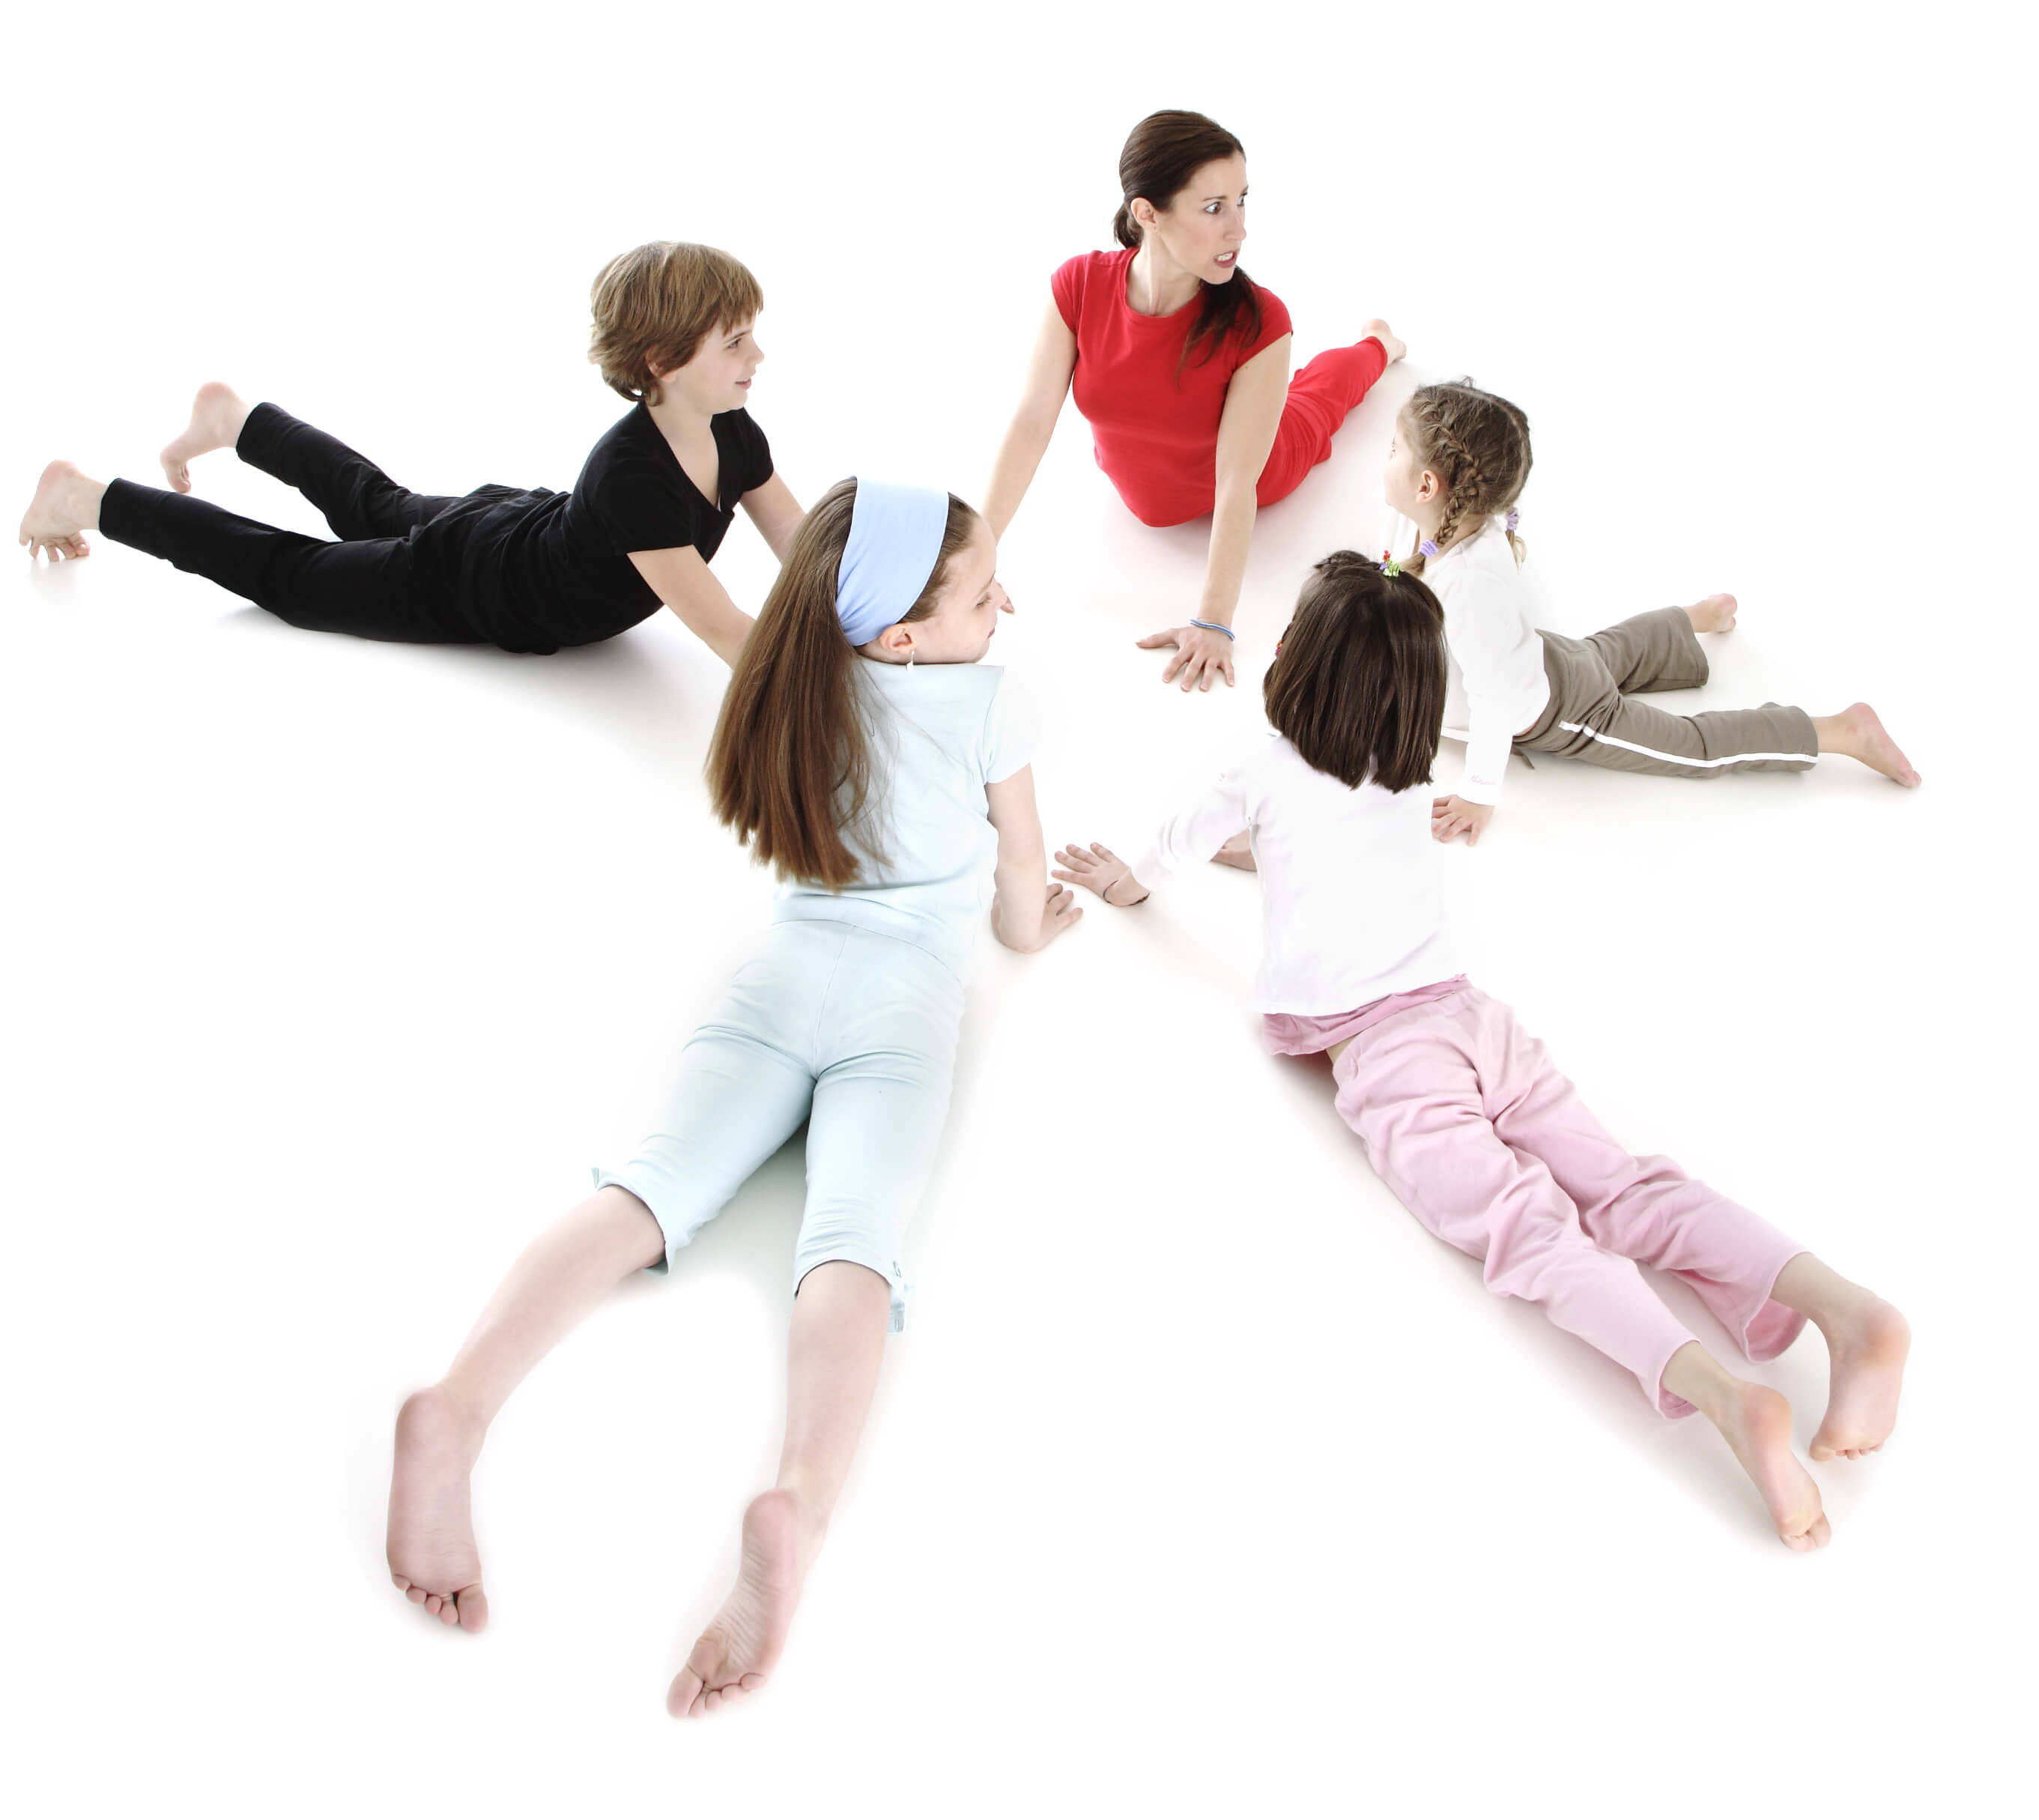 Formación de profesores de yoga para niños en Las Palmas